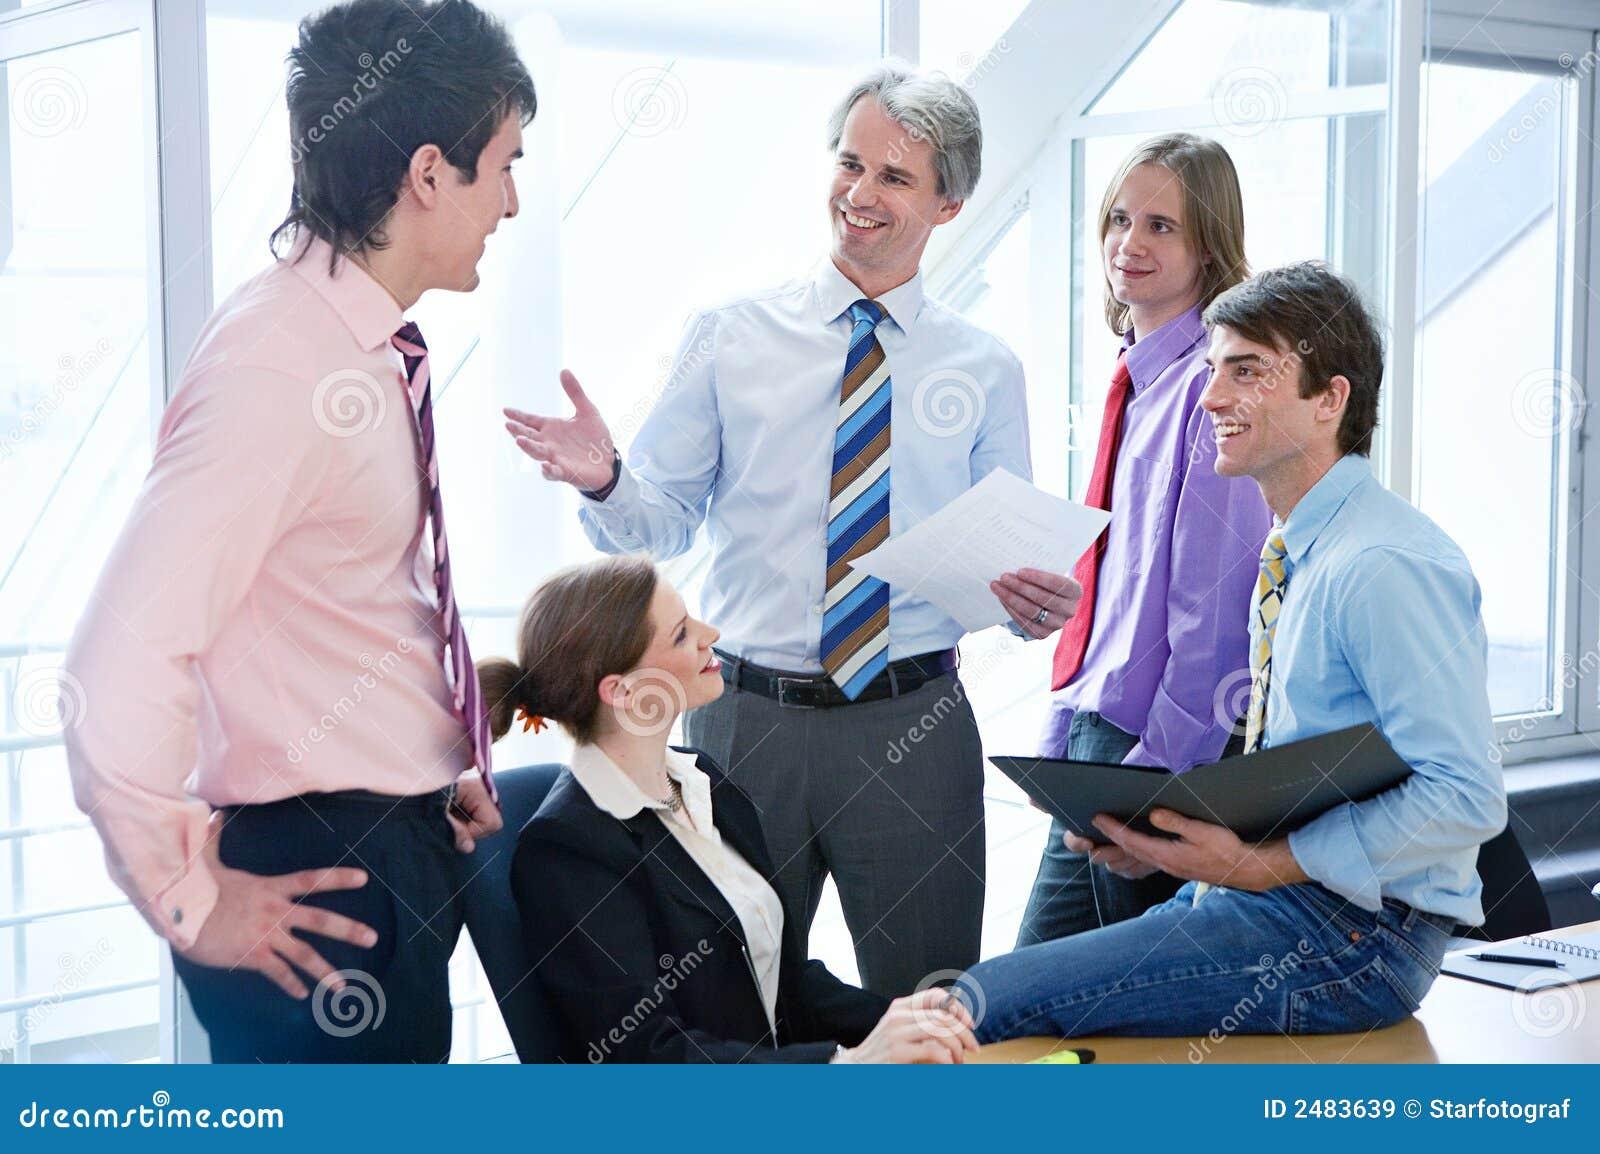 Good Employees - roy420.tk